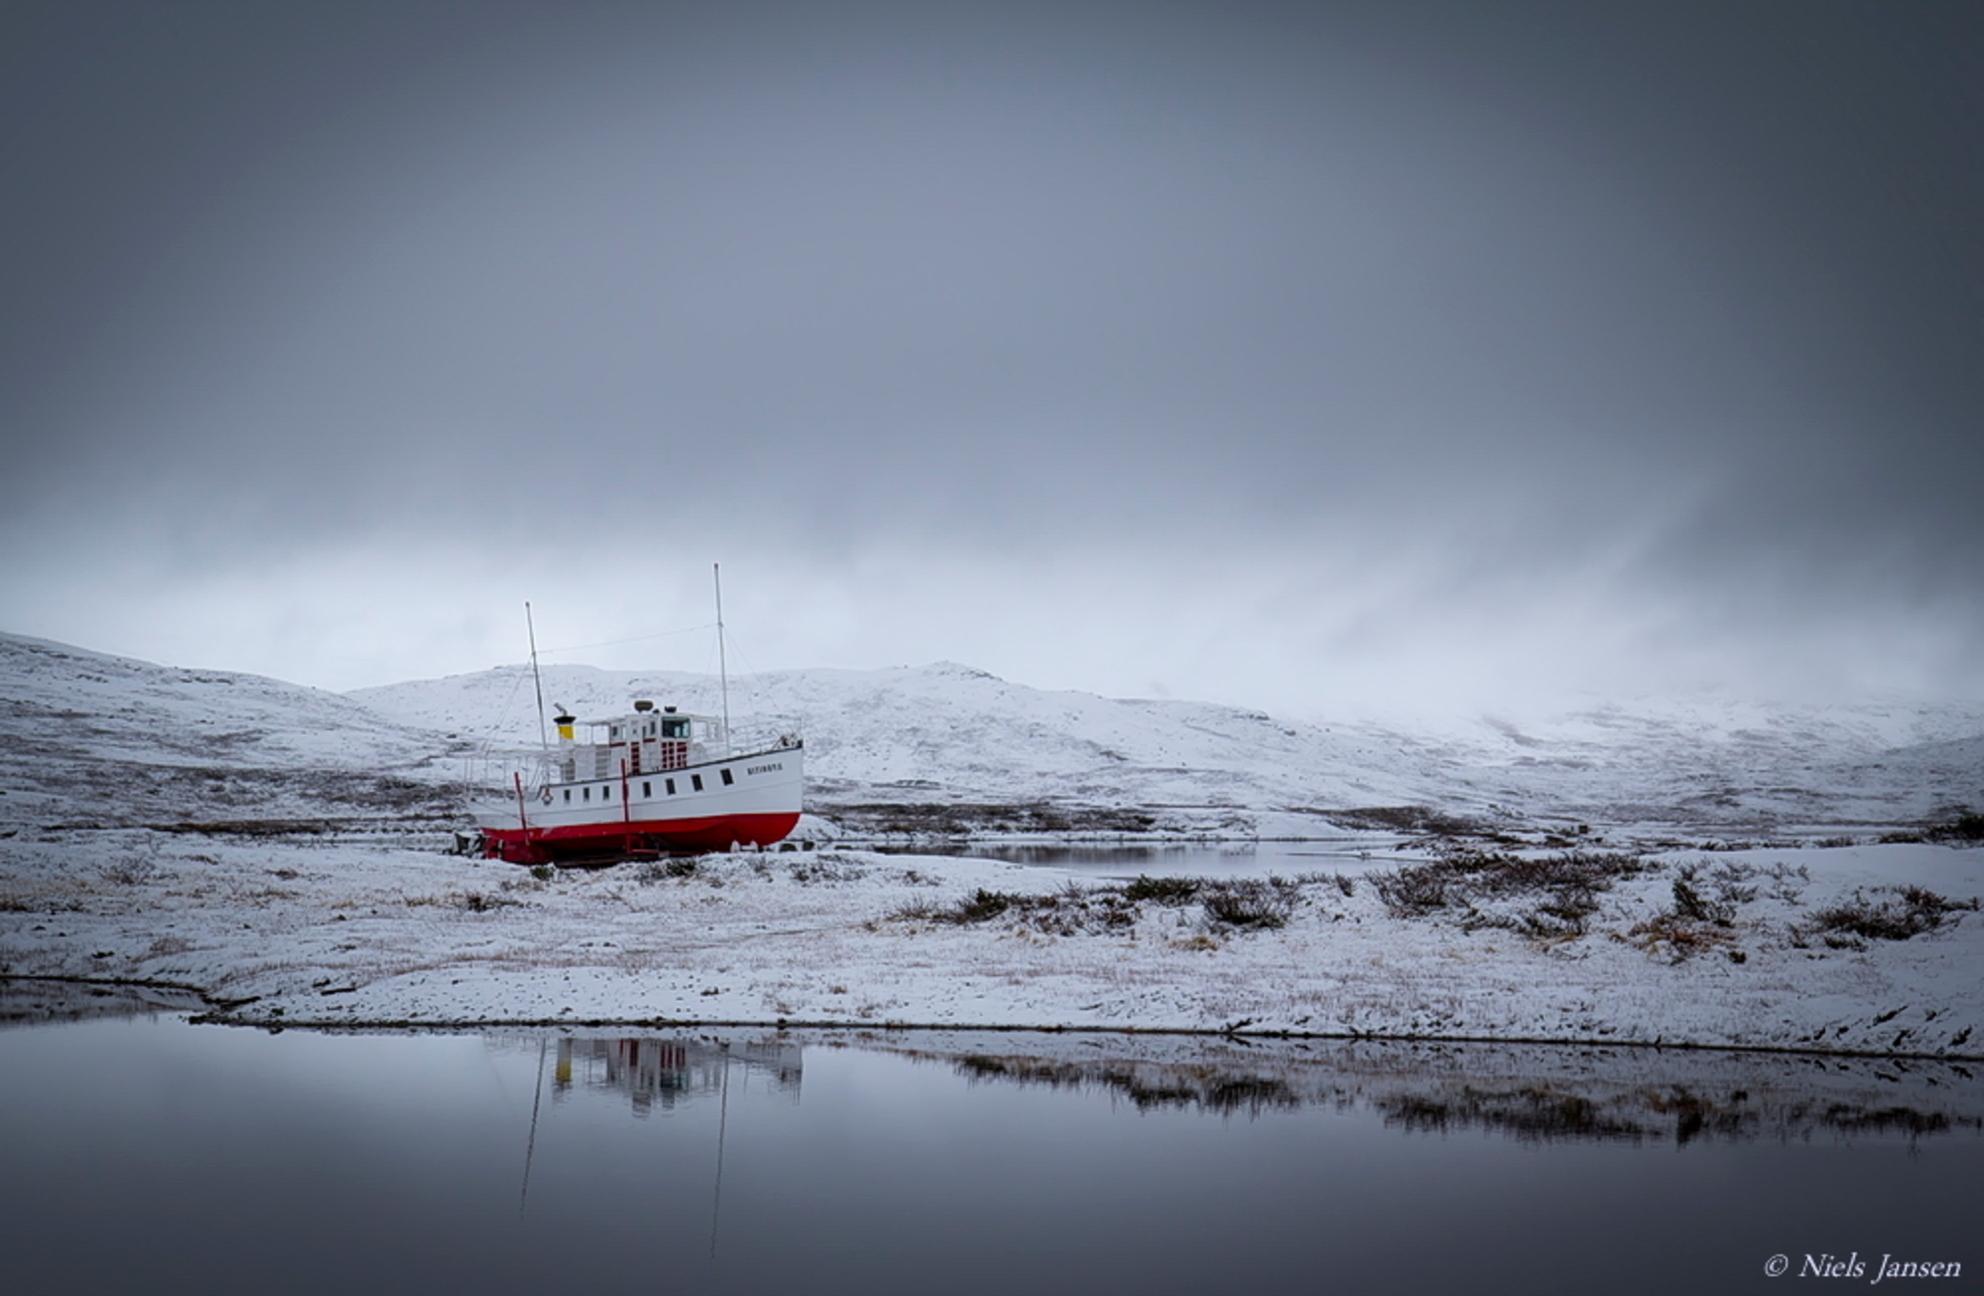 Boot op het droge - Tijdens een autorit door het fantastisch mooie natuurgebied Jotunheimen lag daar ineens een boot...  Bedankt voor jullie reacties op 'Staafkerk van - foto door NielsJansen op 24-10-2014 - deze foto bevat: lucht, water, boot, sneeuw, spiegeling, landschap, bergen, noorwegen, grijs, jotunheimen, surrealistisch, niels jansen - Deze foto mag gebruikt worden in een Zoom.nl publicatie